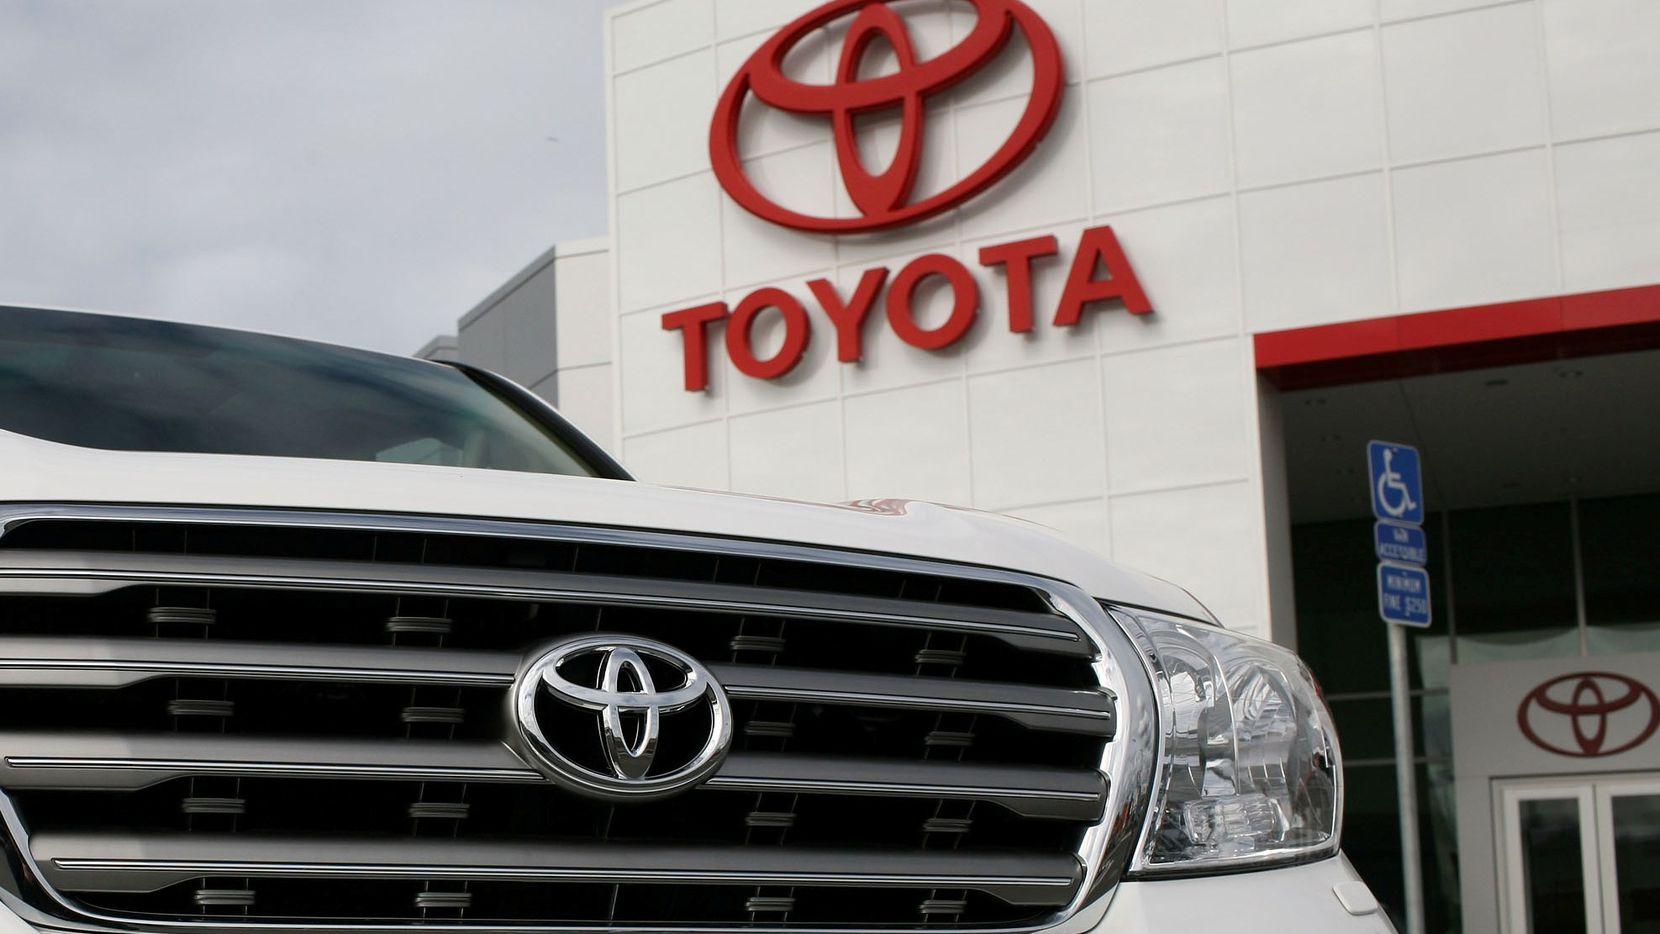 Agencia de autos Toyota. AP